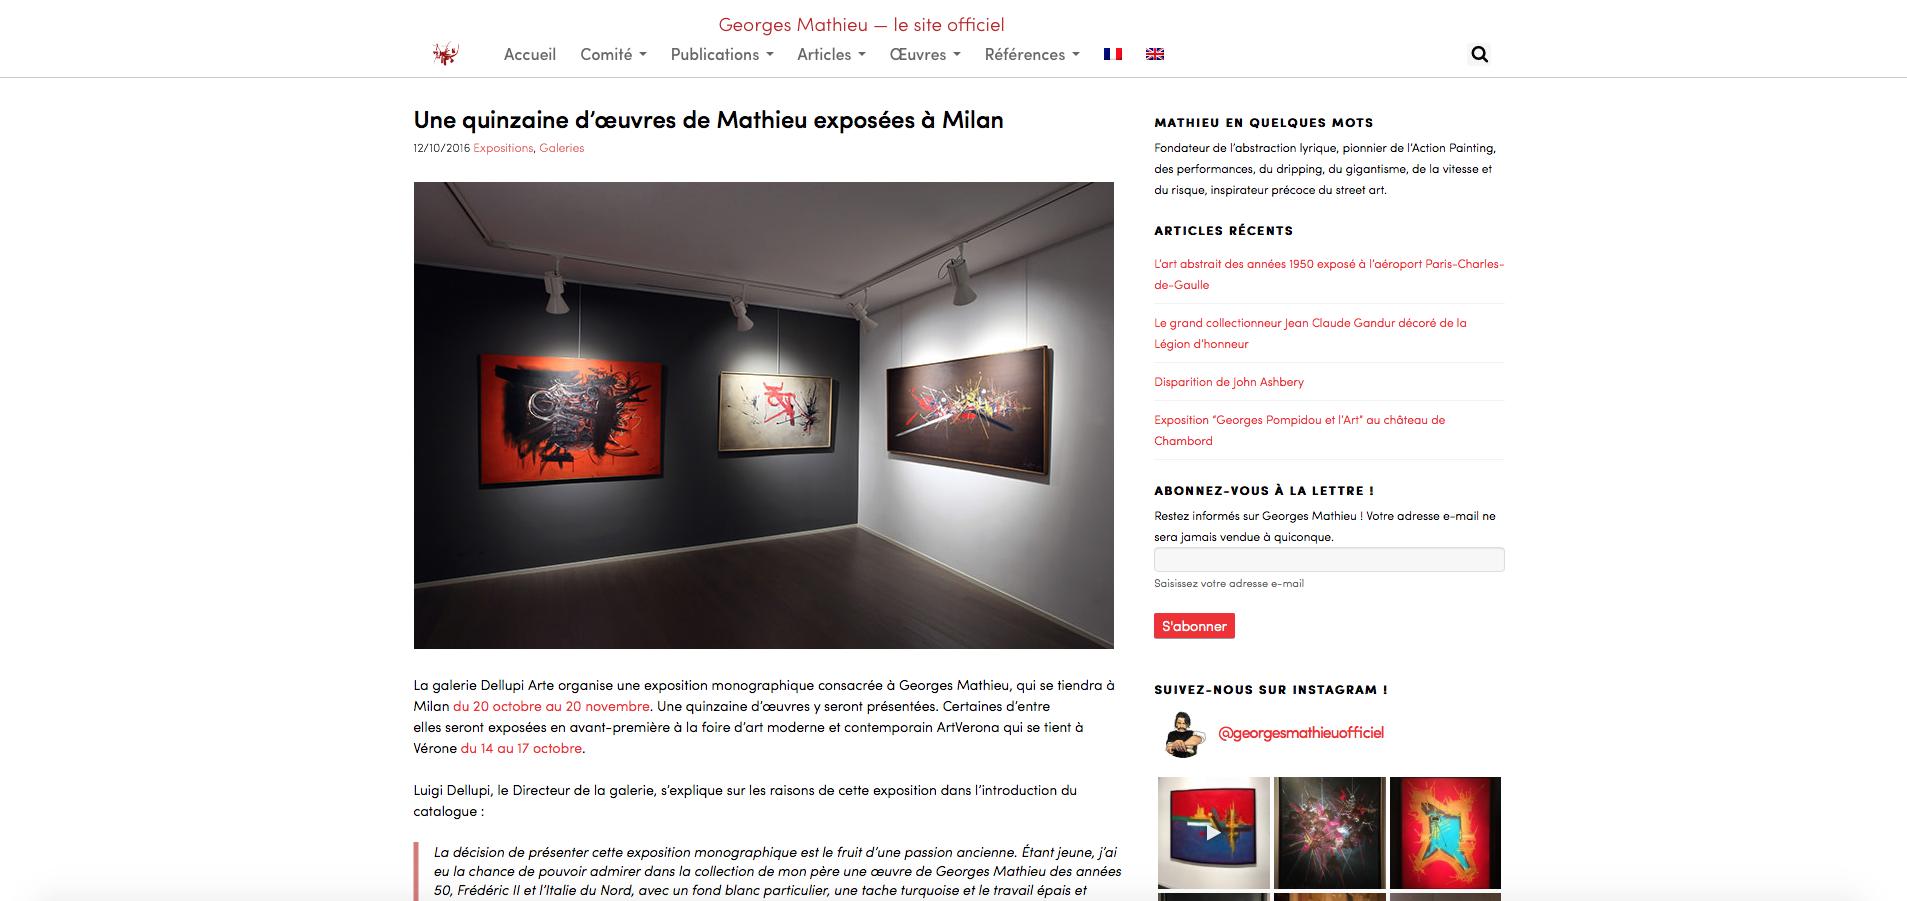 mathieu-comite-news